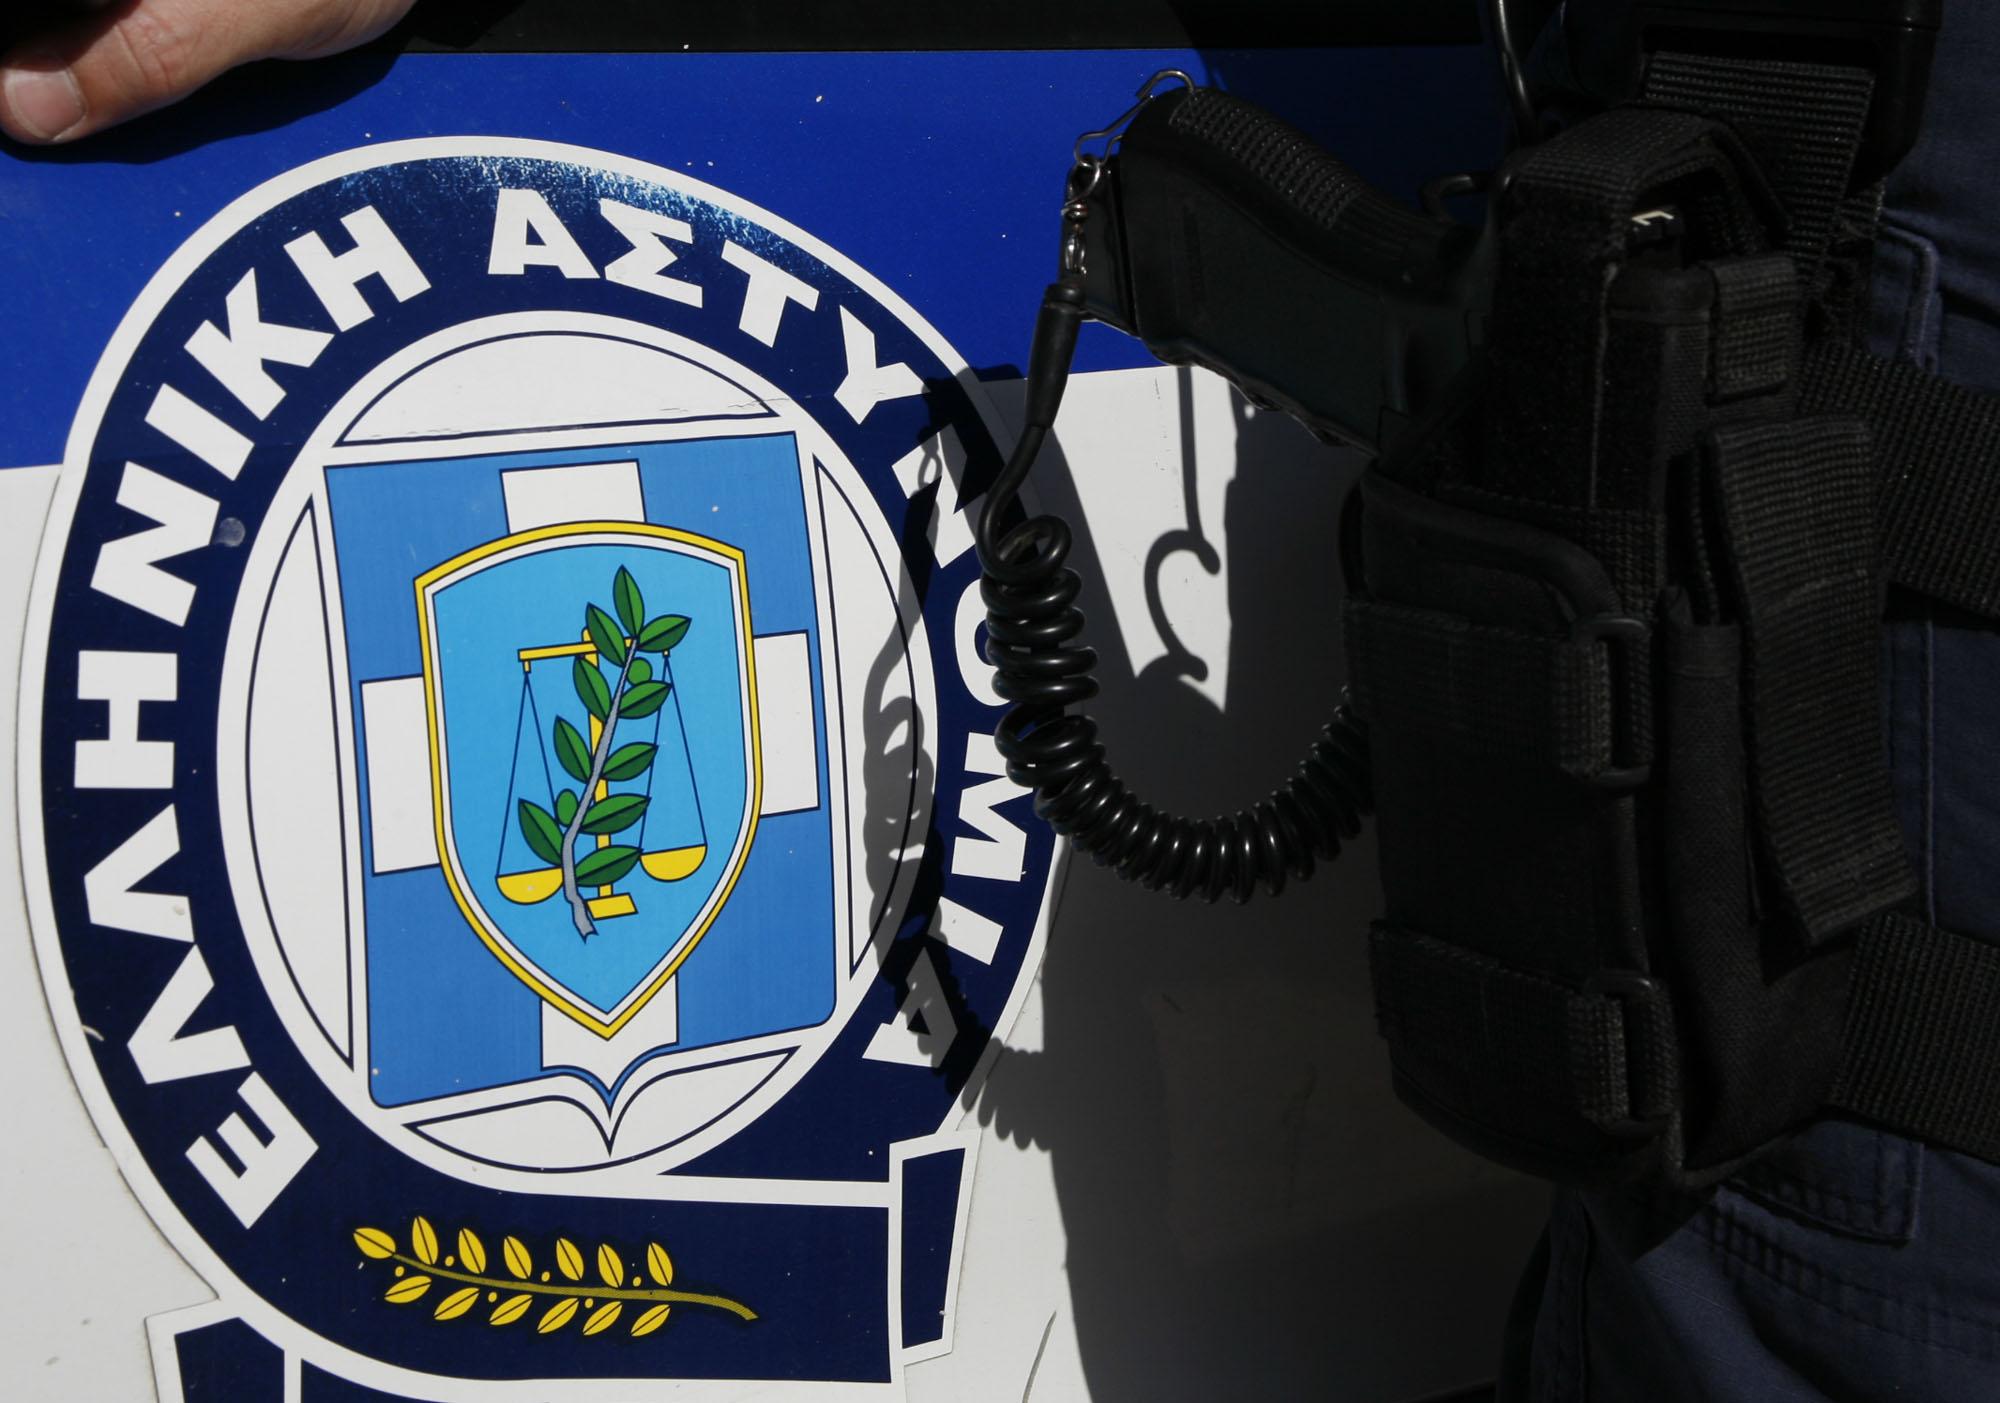 Αποτέλεσμα εικόνας για Ελληνική Αστυνομία